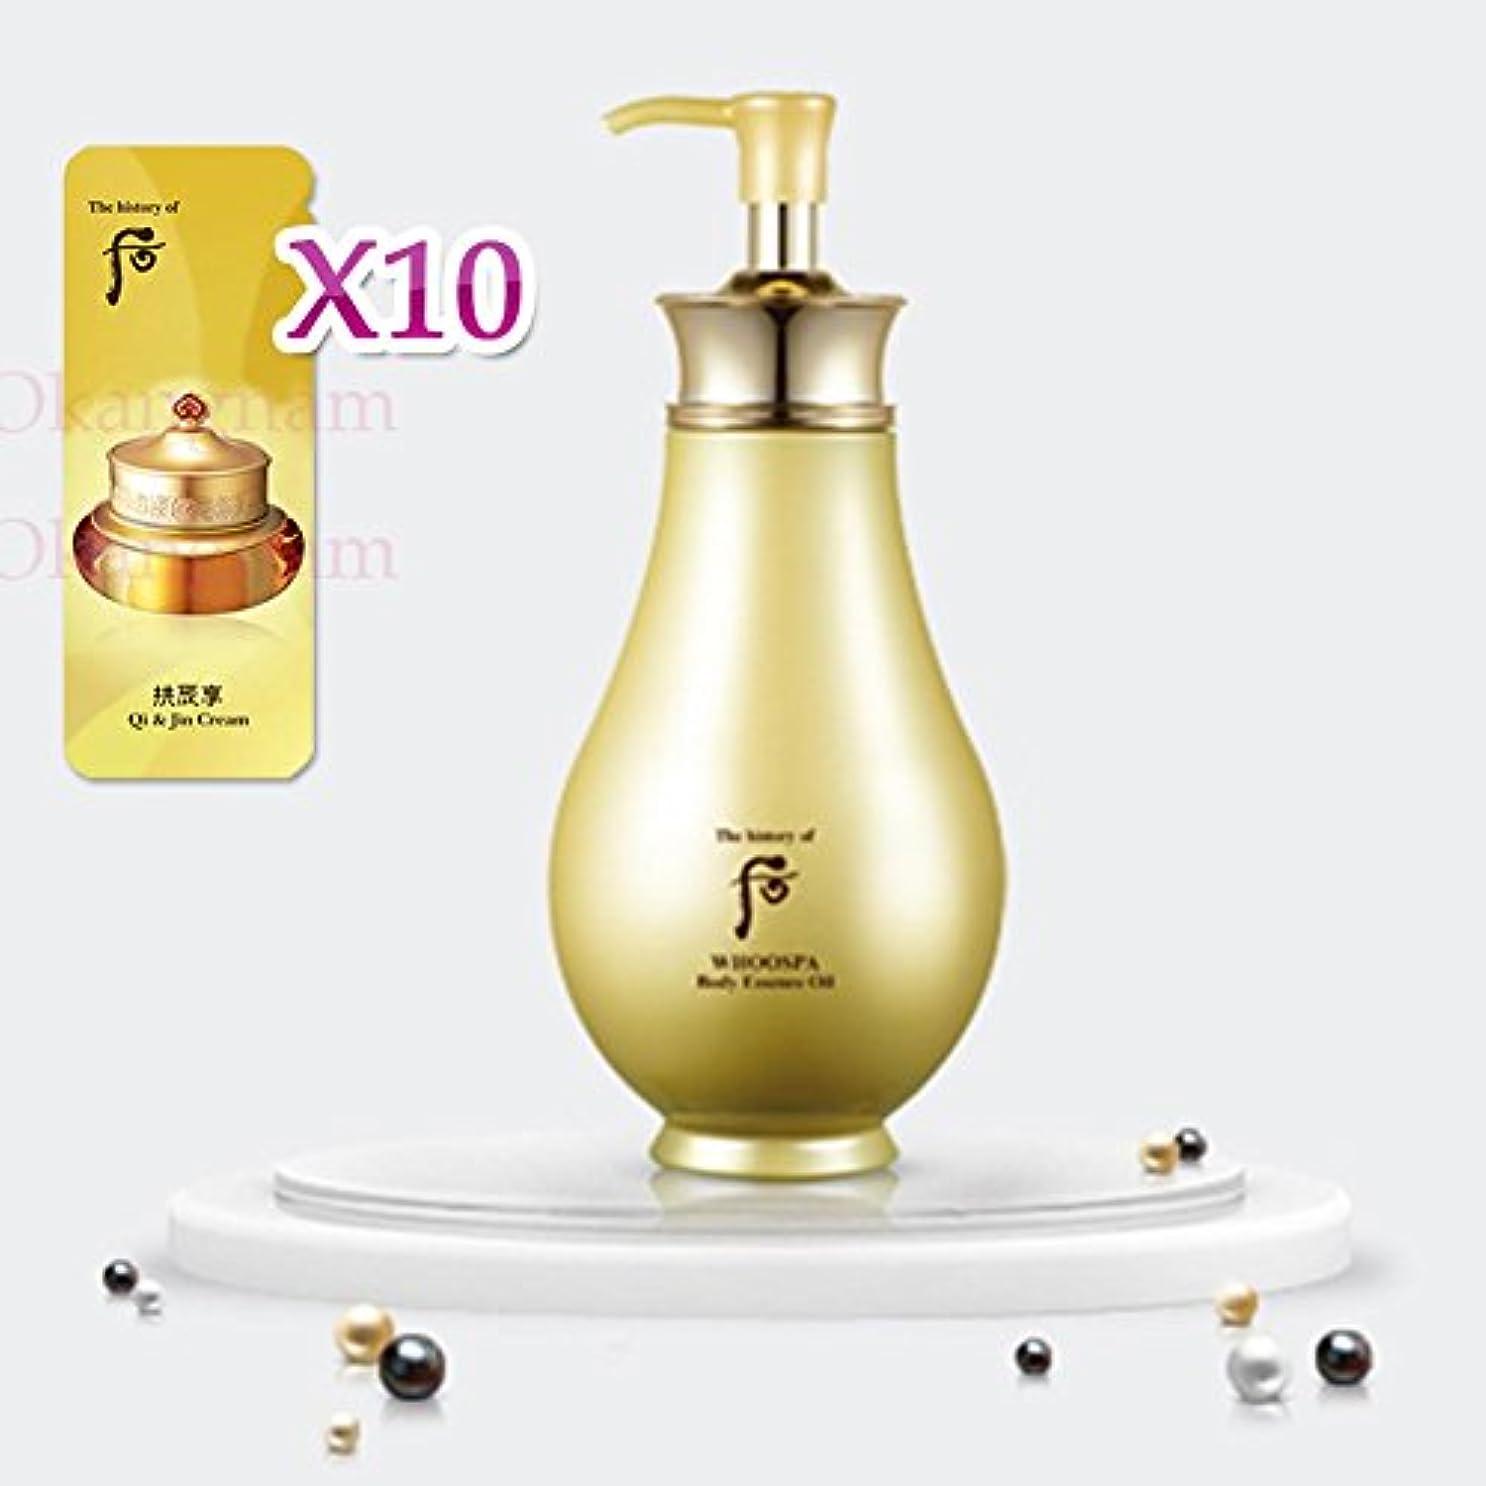 厚さ巨大な経度【フー/The history of whoo] Whoo后SPA03 Whoo Spa Body Essence Oil/后(フー)フス派ボディエッセンスオイル + [Sample Gift](海外直送品)